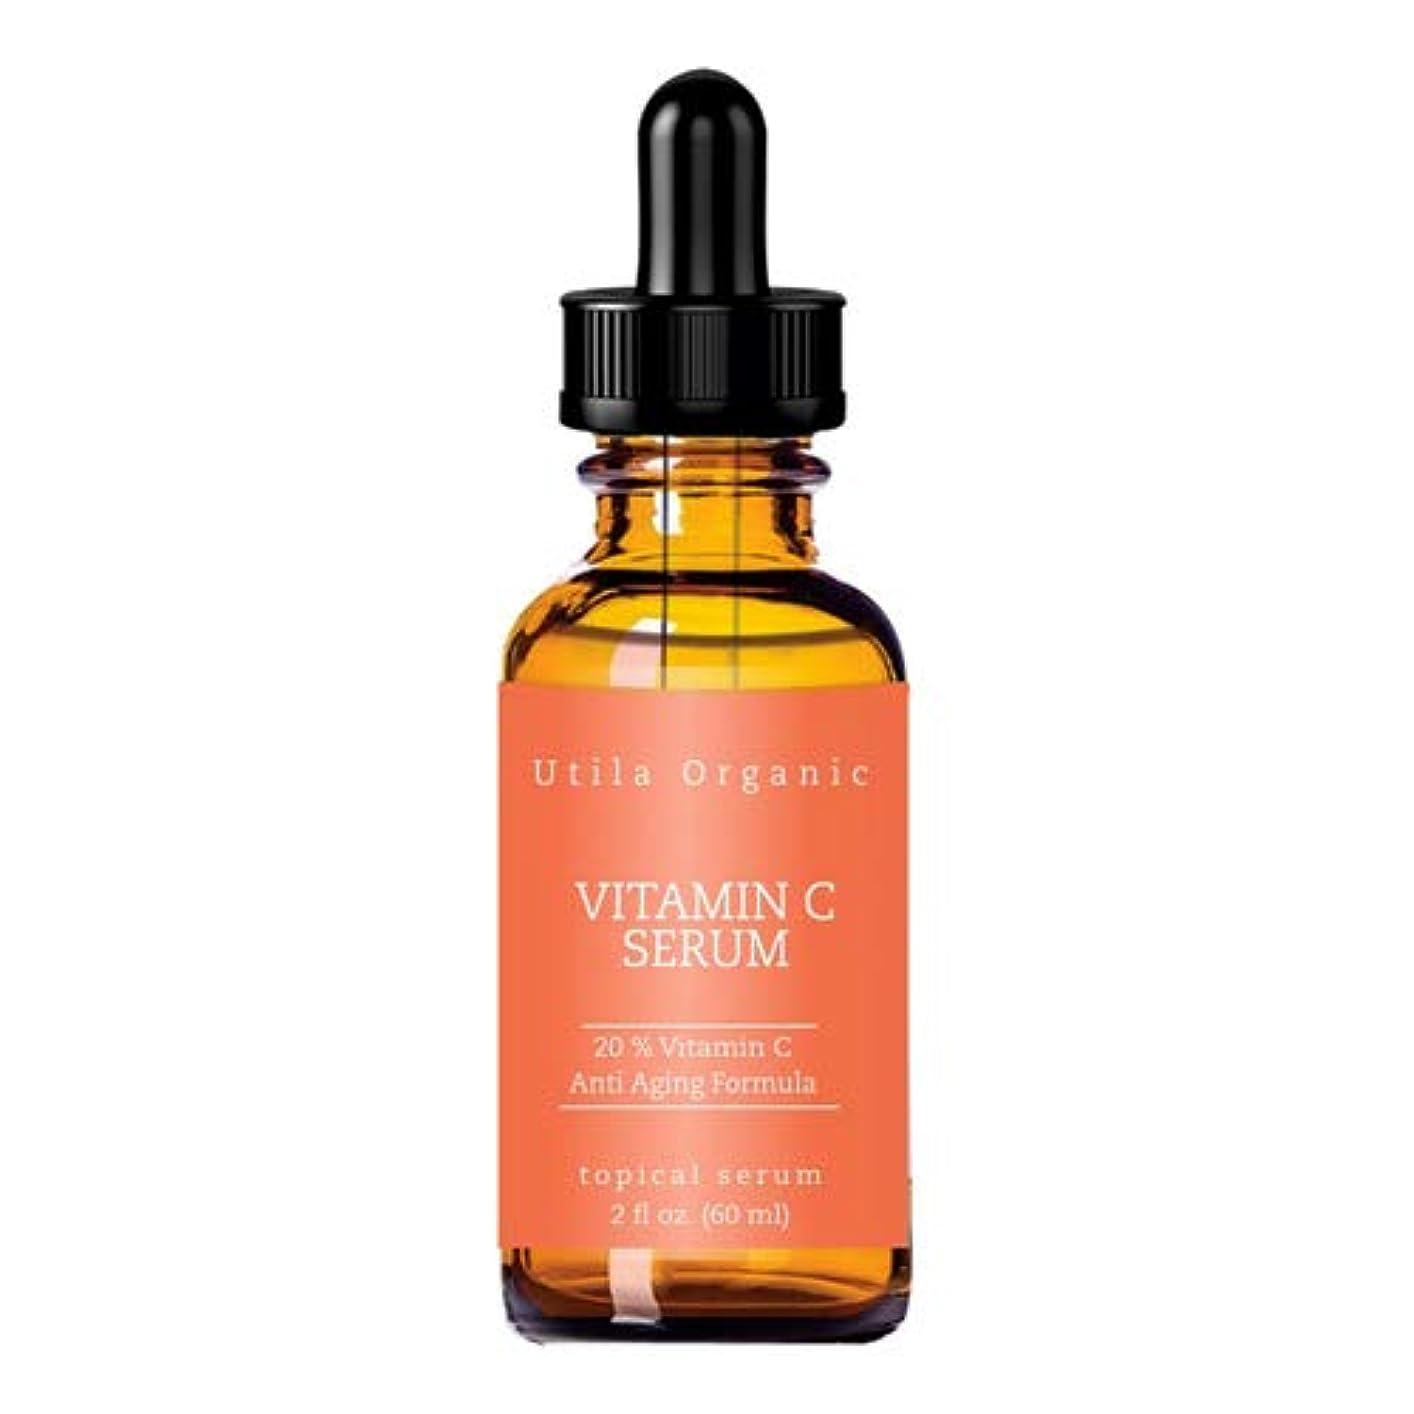 排泄するハンカチバーストビタミンC20%+ヒアルロン酸 美容液 60ml ビタミンC誘導体?ヒアルロン酸 12種類の美容成分! 98%天然由来 Naturally Derived